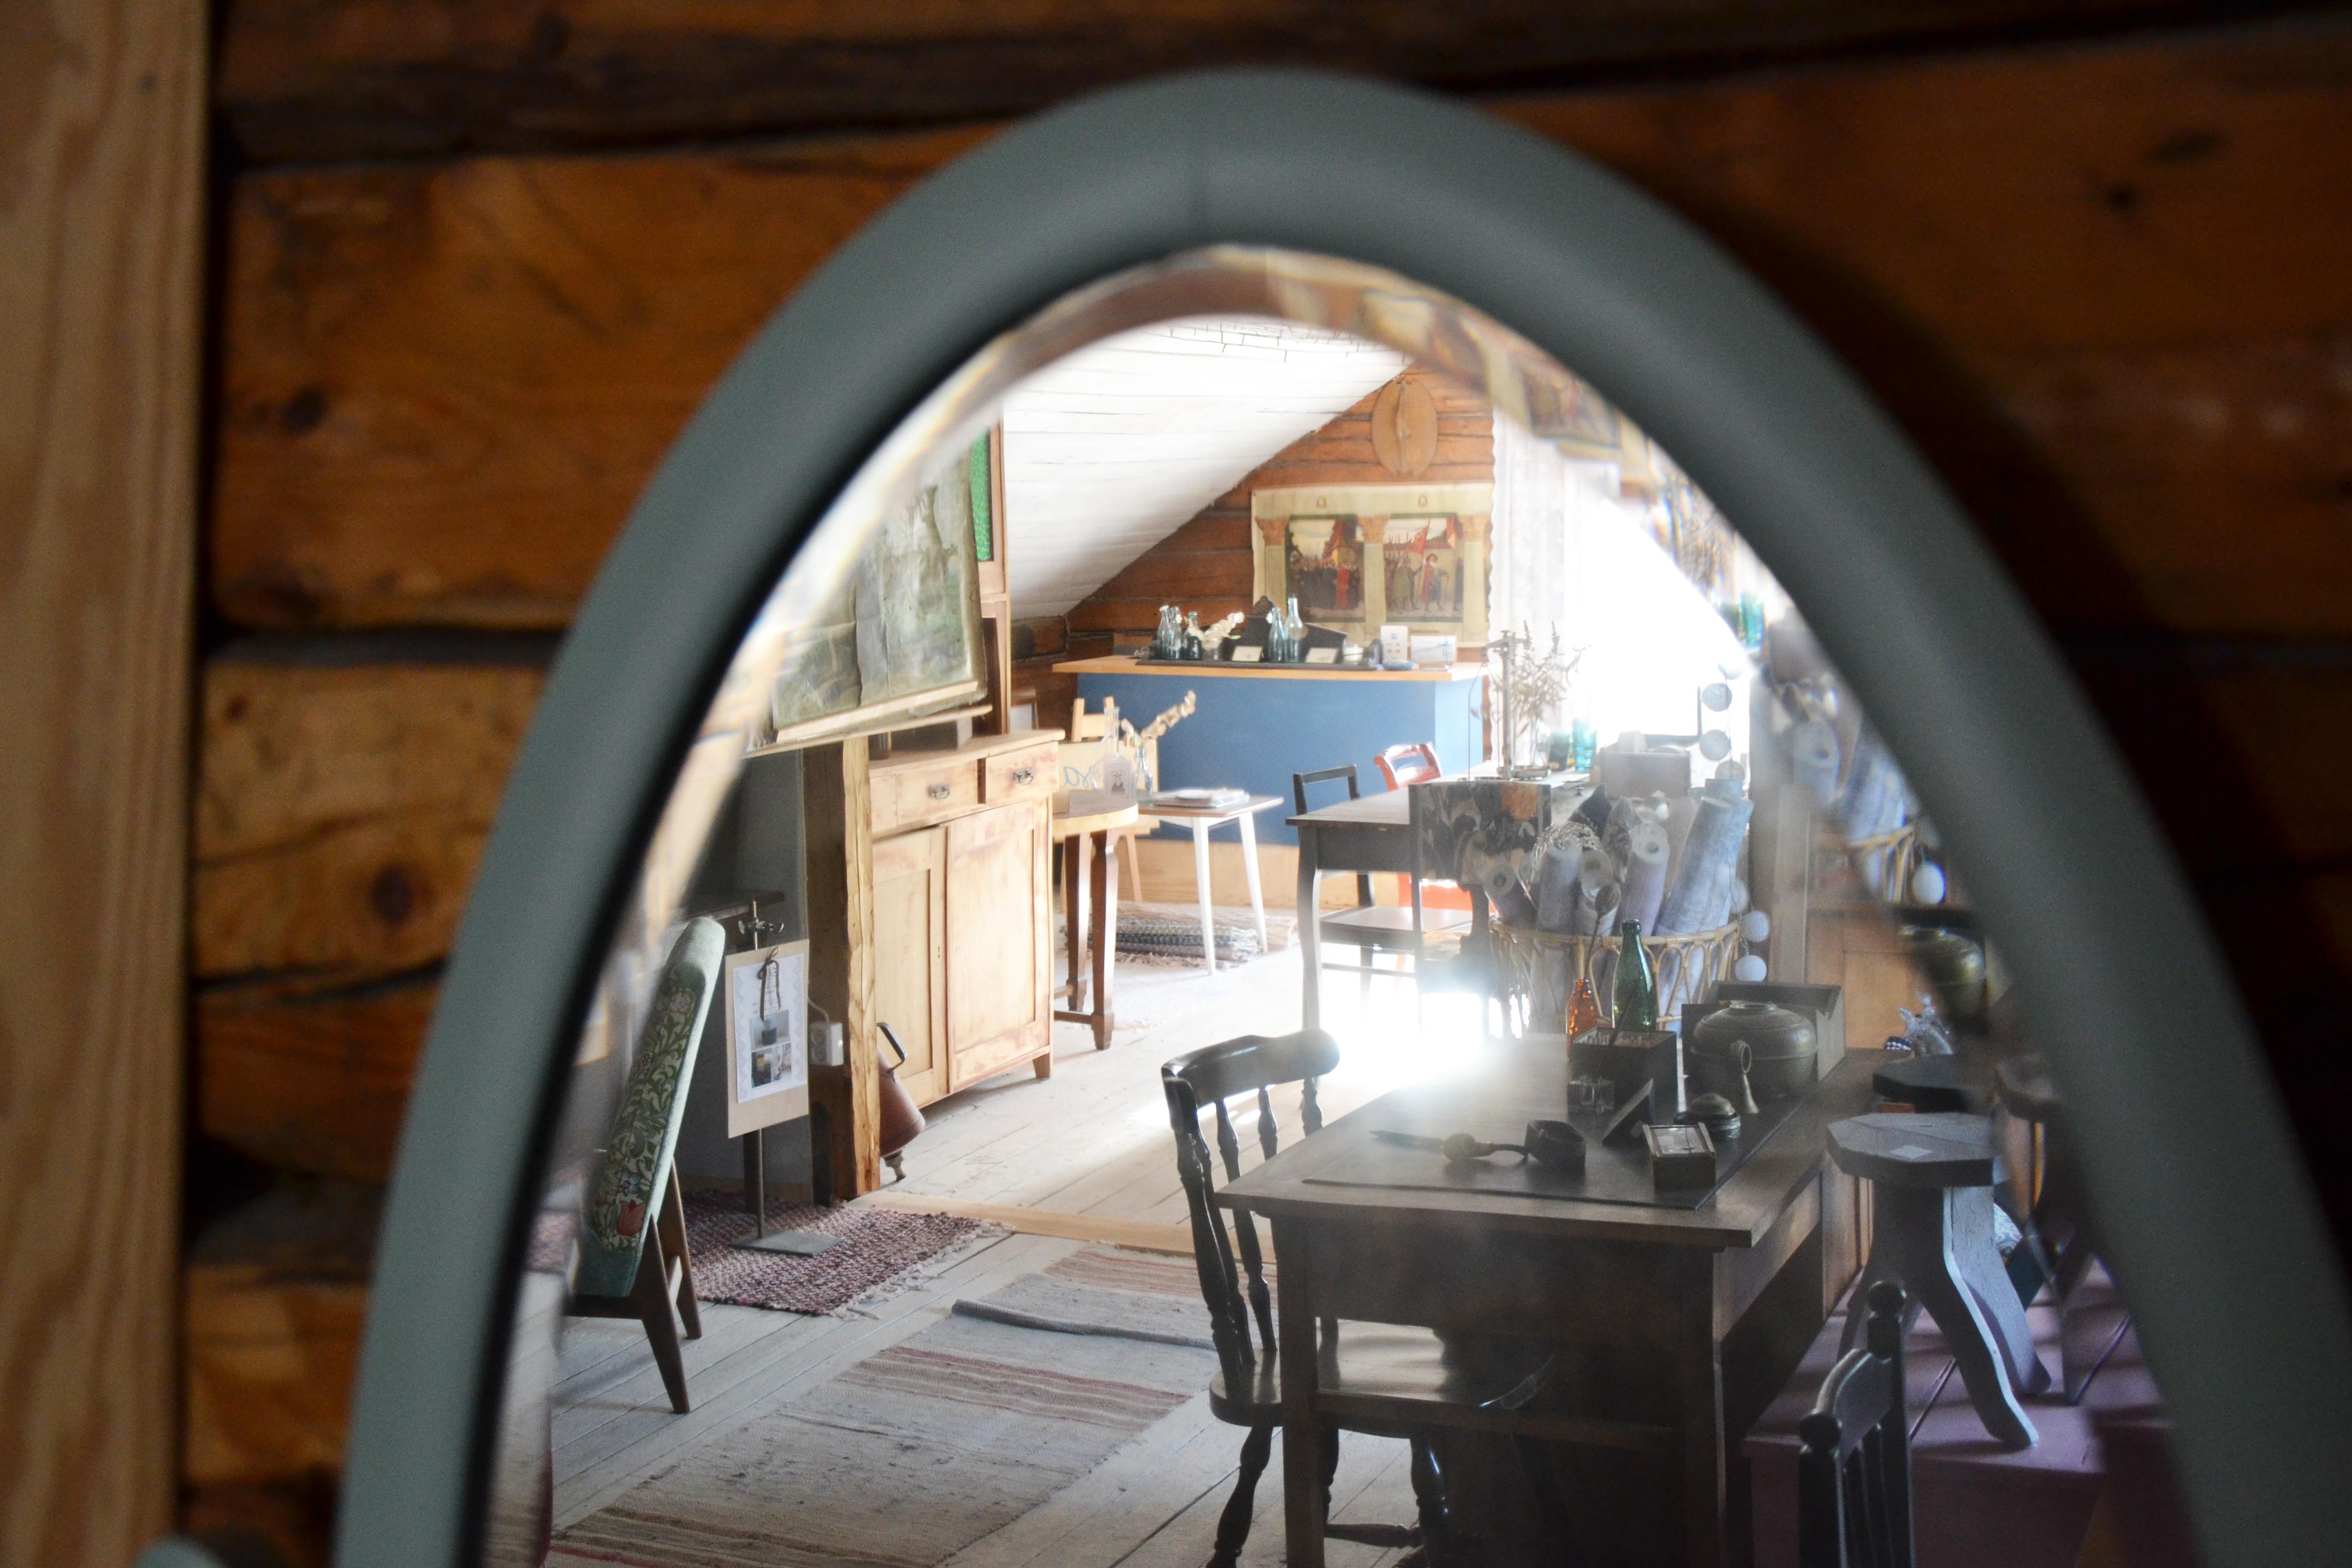 vintage vind vintti gammal spegel vanha peili butik putiikki